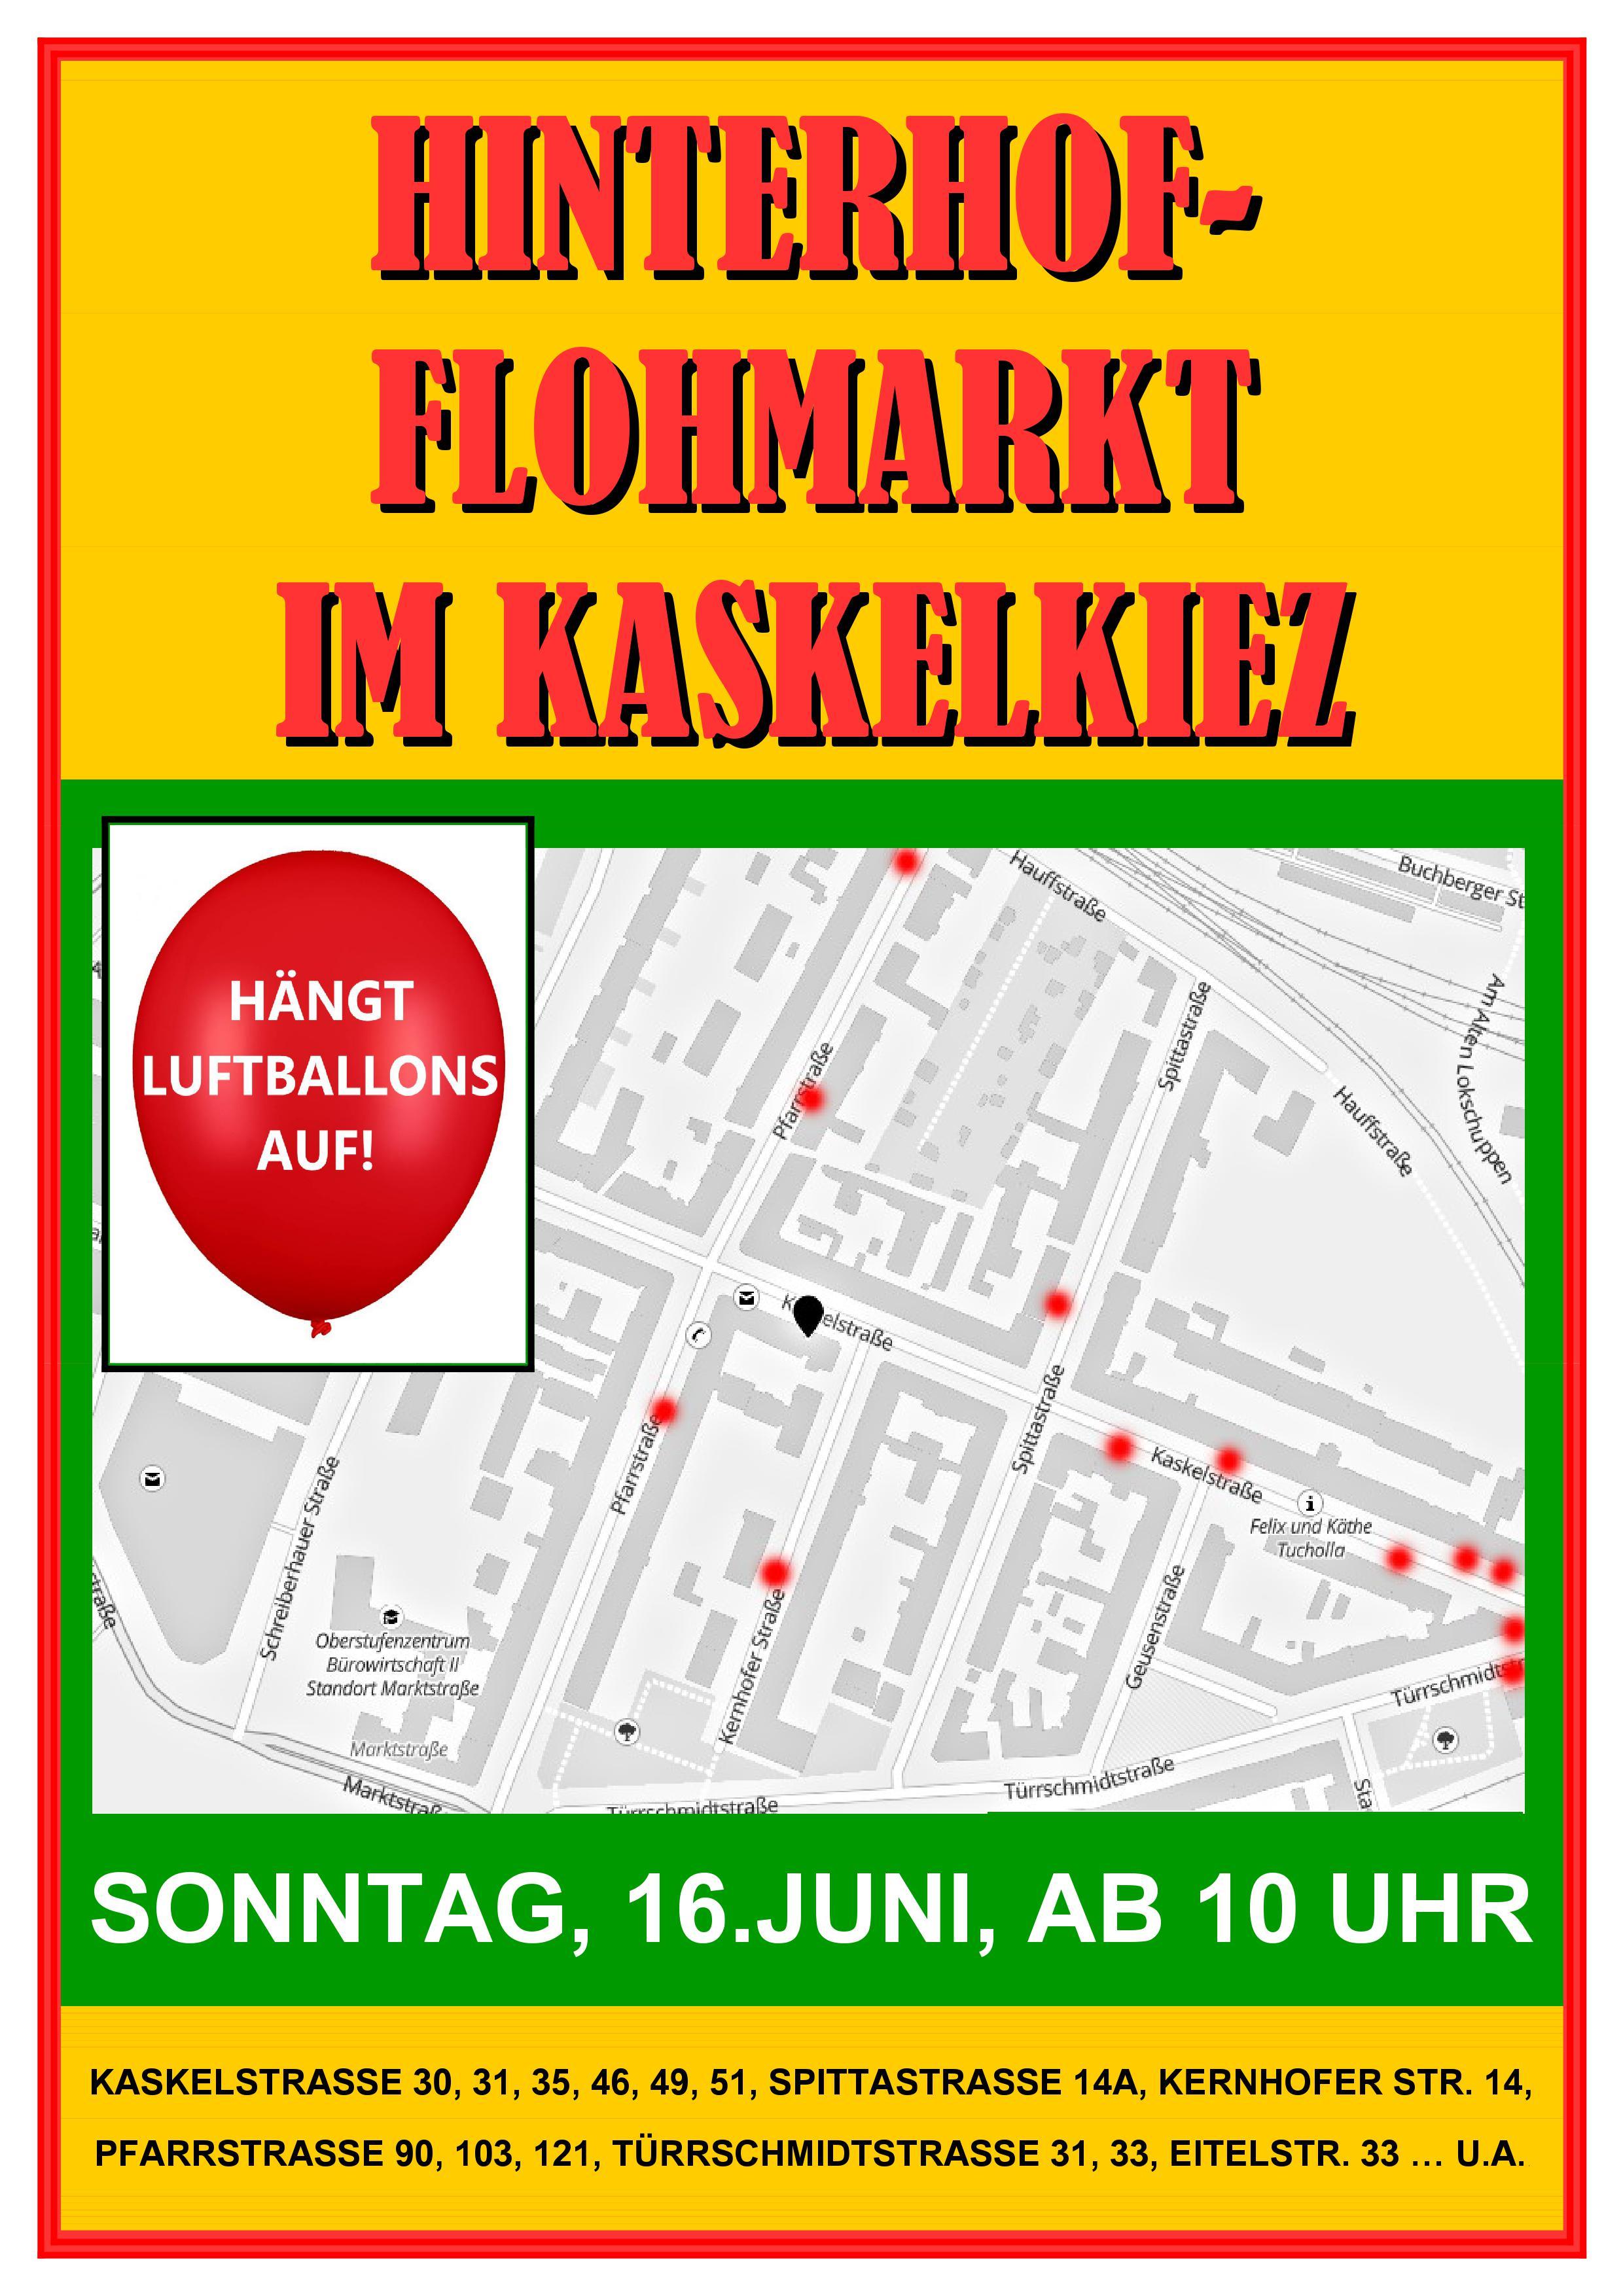 Hinterhofflohmarkt 2 Jelanger Jelieber